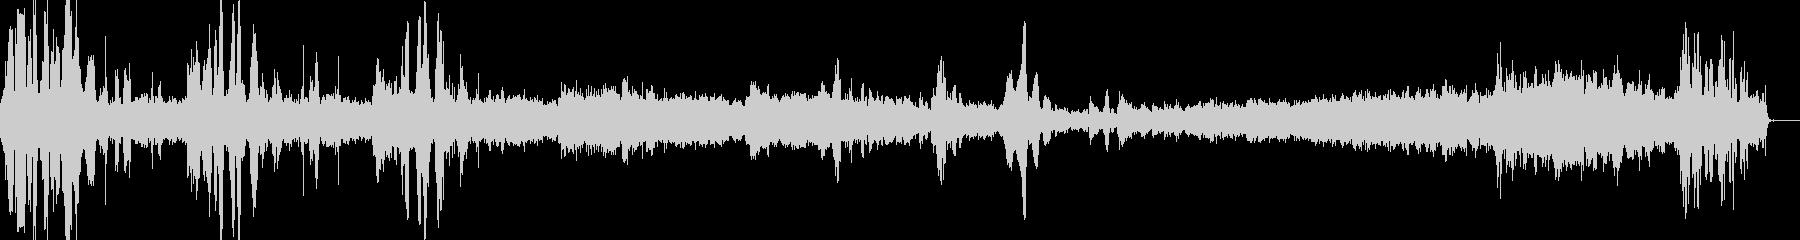 【ゲーム】 SFX ライズアップ 01の未再生の波形